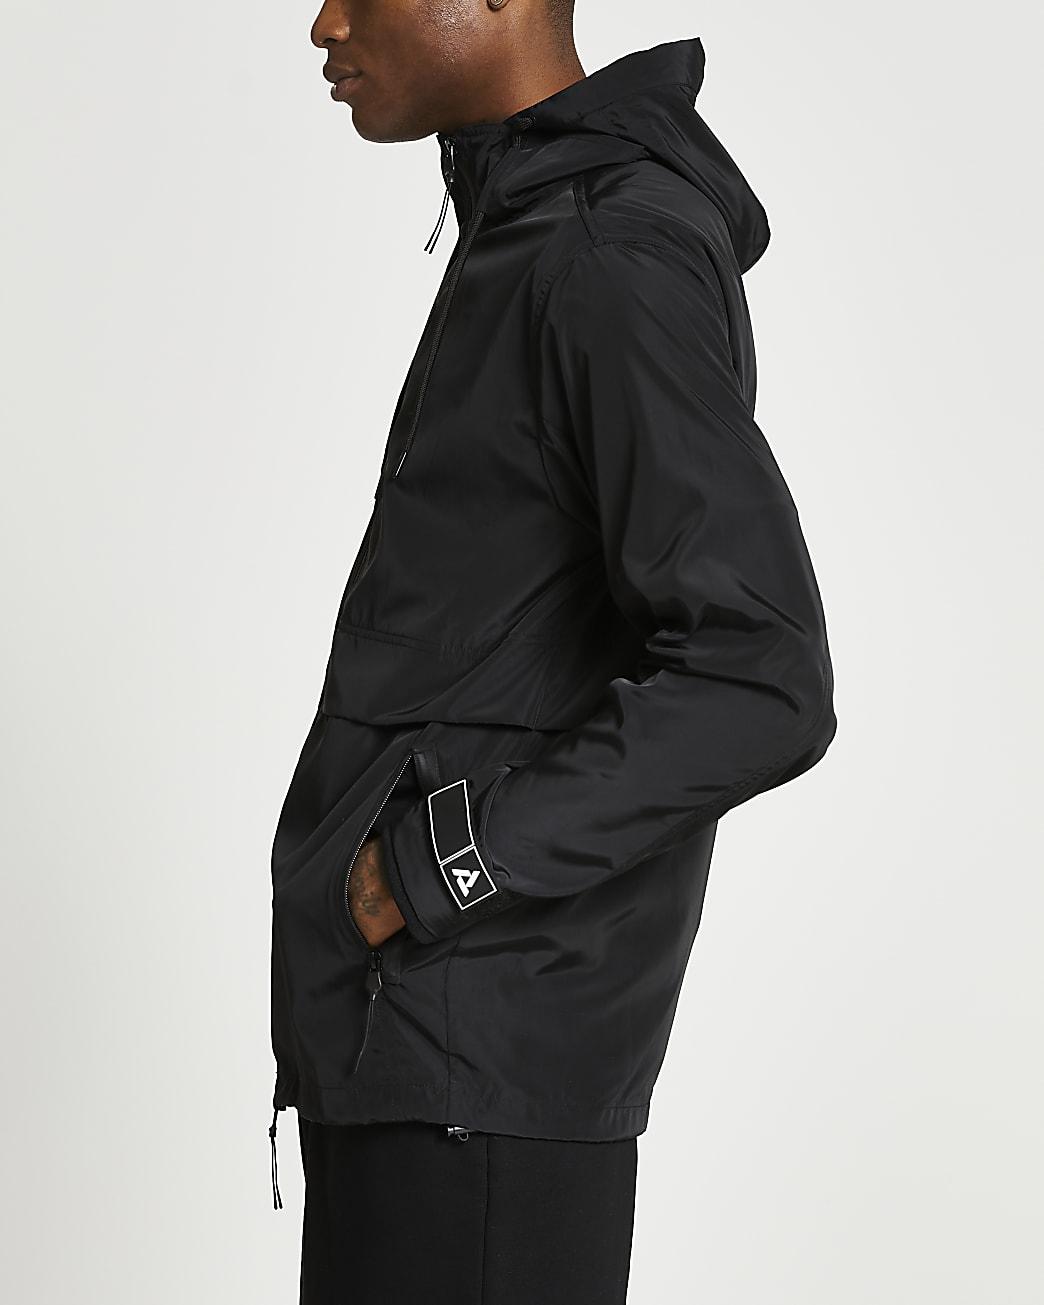 Black hooded long sleeve shell jacket